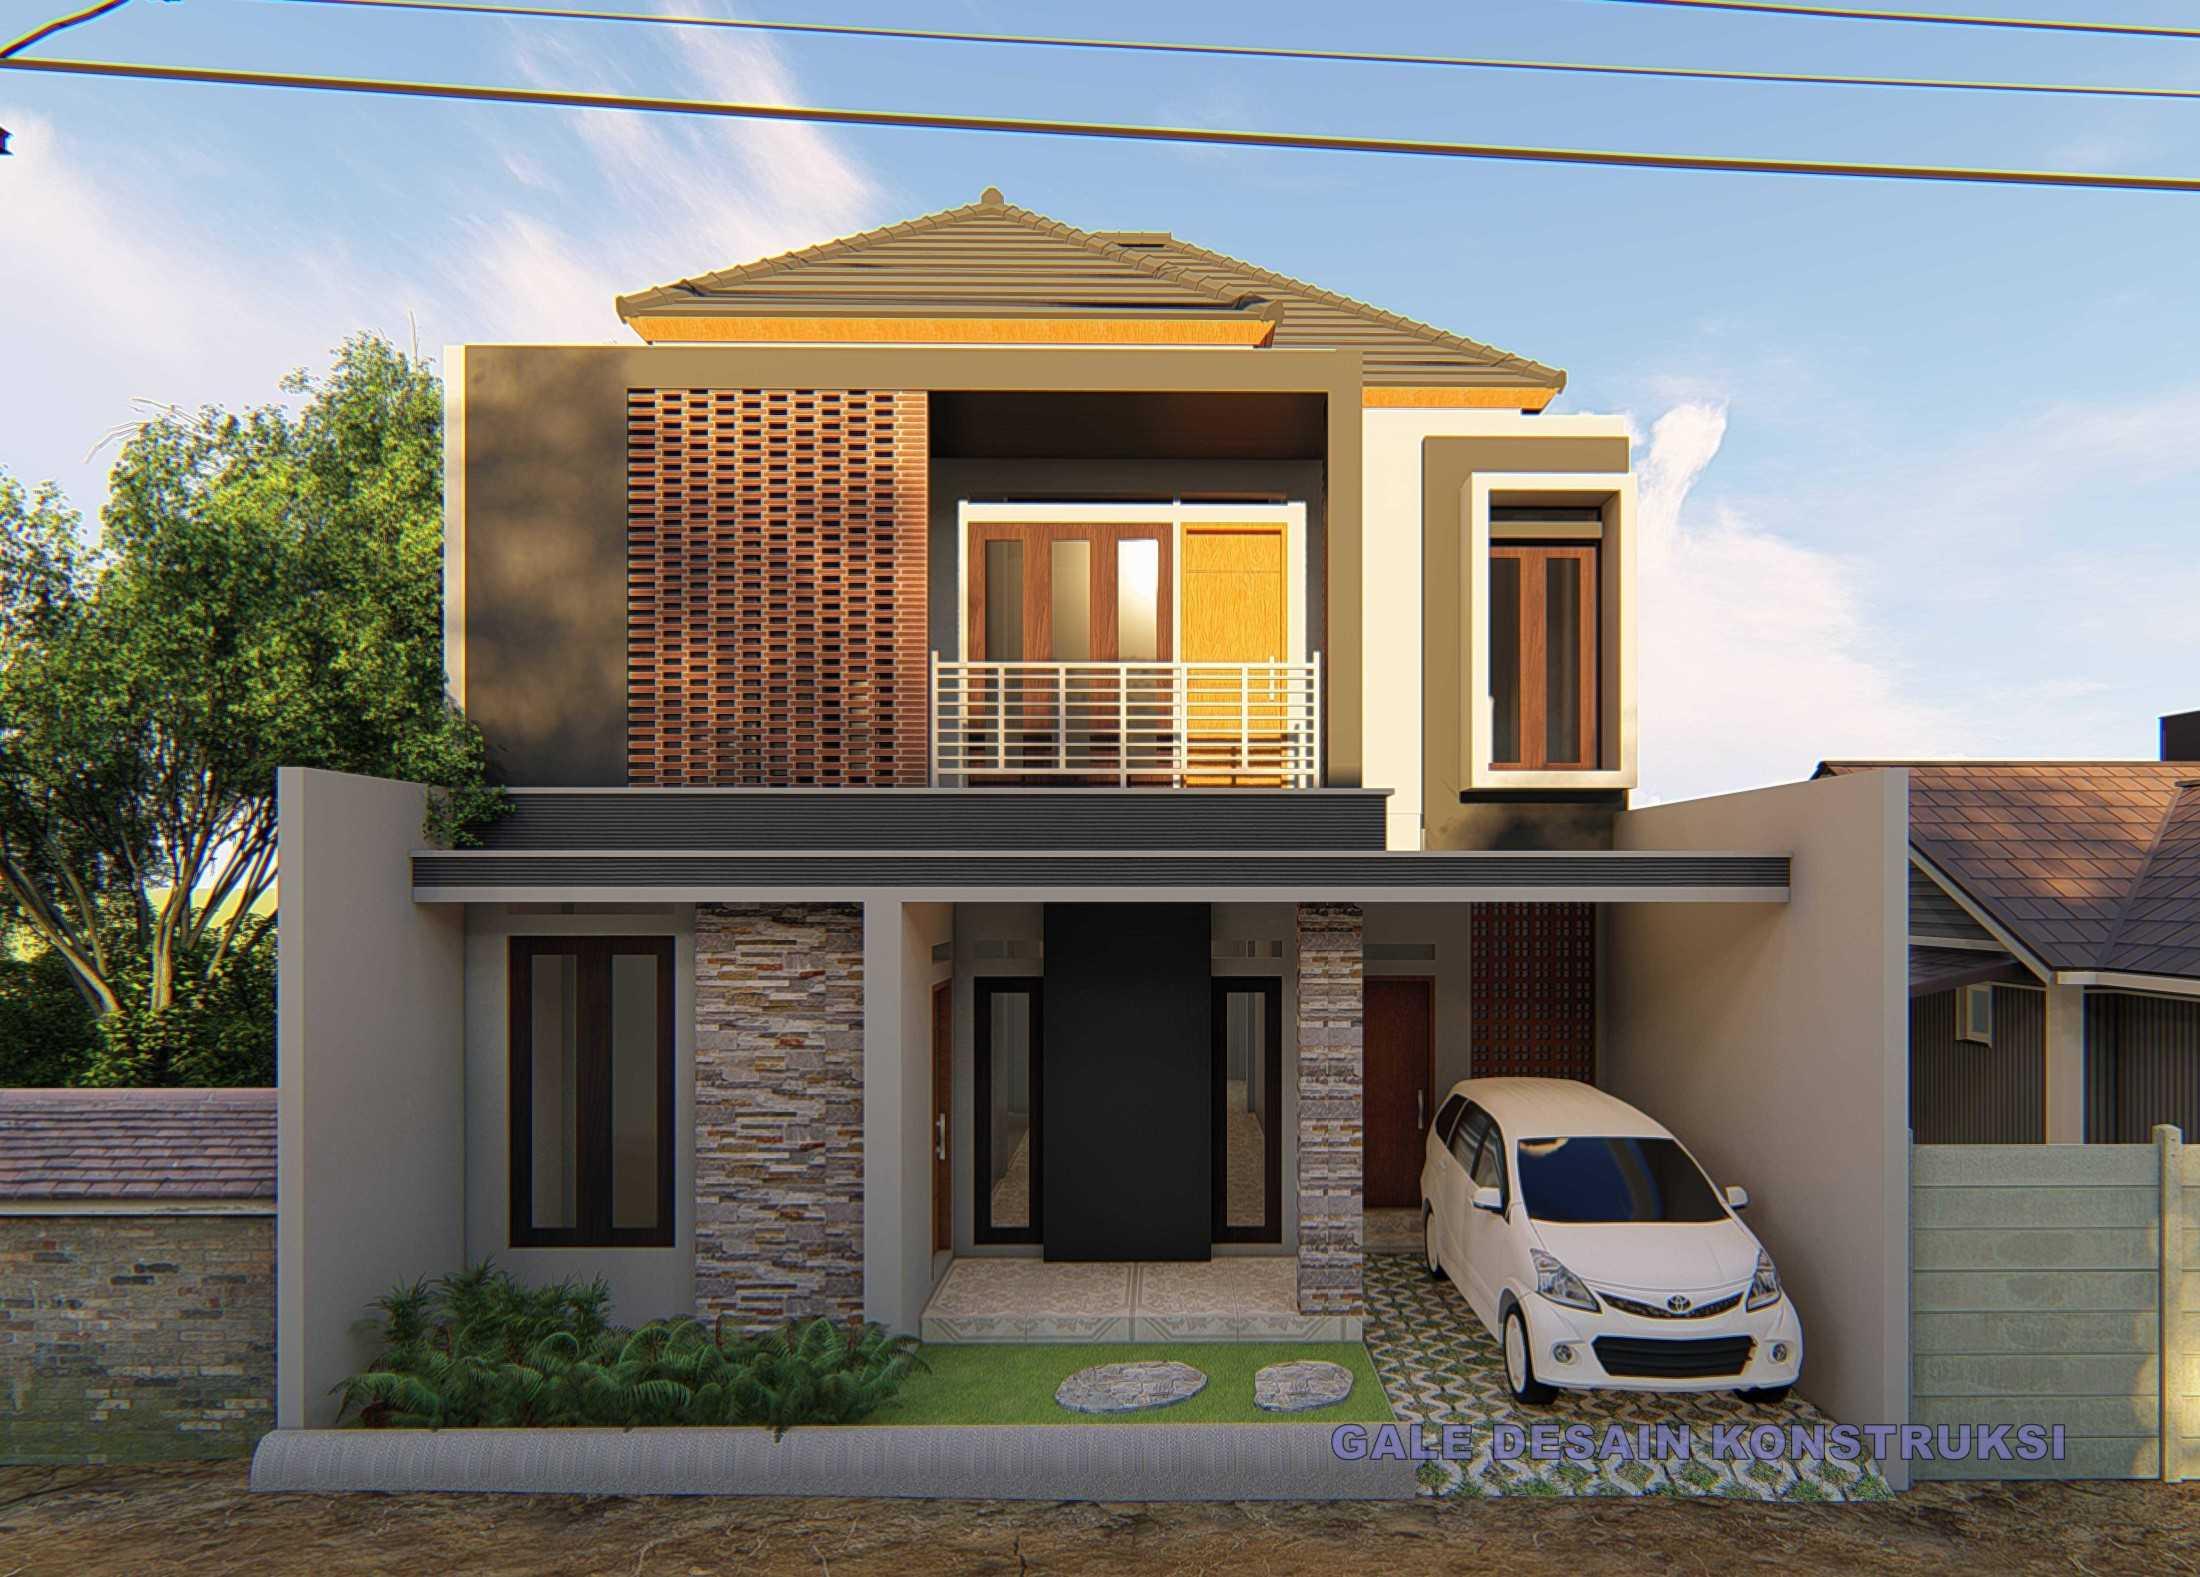 Jasa Arsitek Gale Desain Konstruksi di Nusa Tenggara Barat